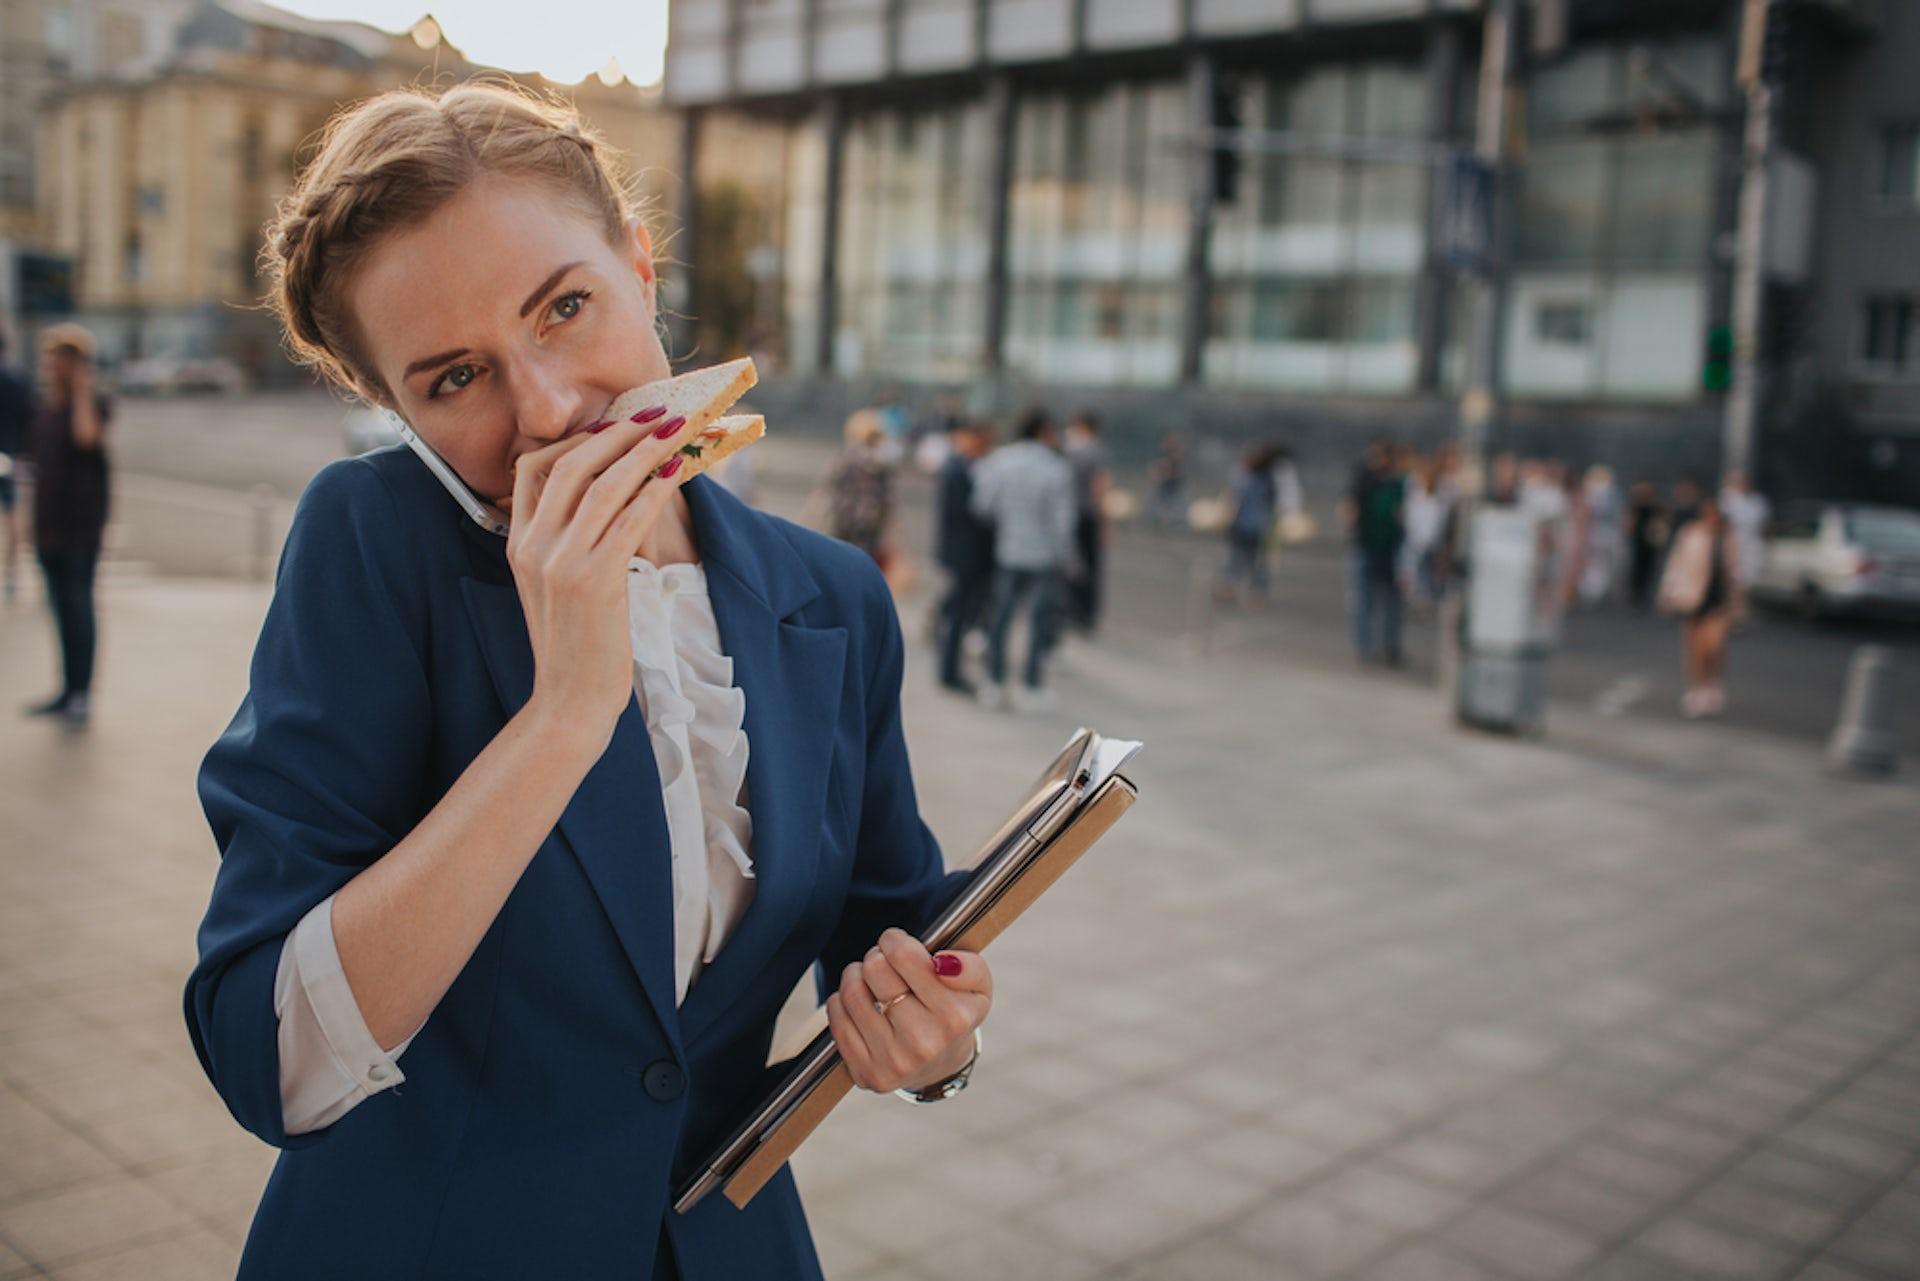 The way we eat now. Estrada Anton/Shutterstock